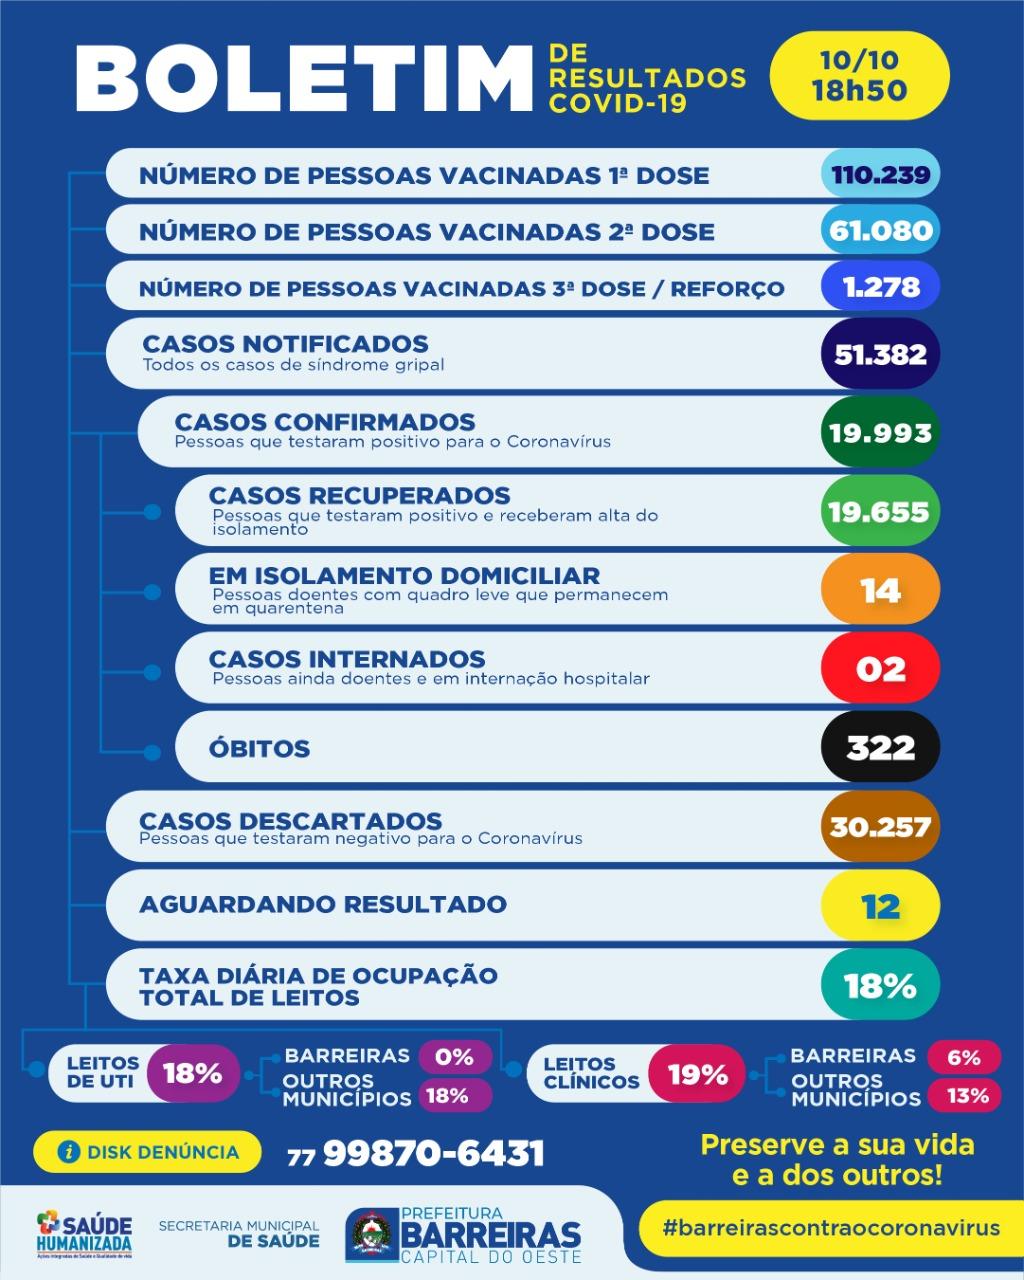 Covid-19 em Barreiras: Veja os números do boletim deste domingo, 10